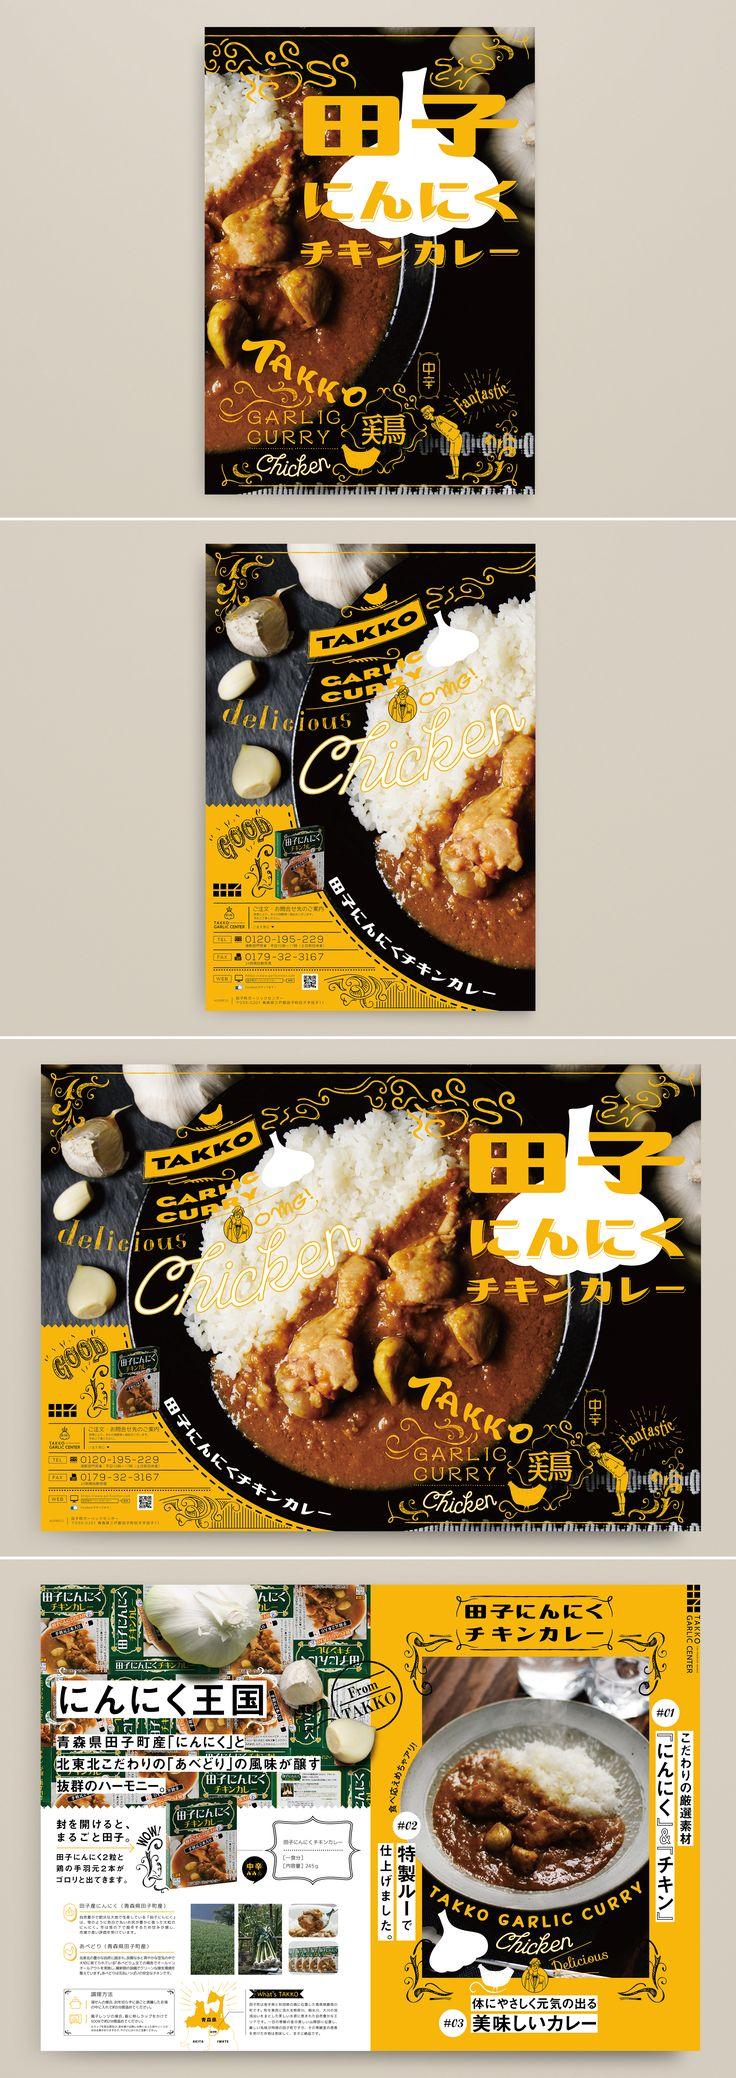 田子にんにくチキンカレー A3 2つ折広告#田子#ガーリックセンター#カレー#田子にんにくカレー#にんにく